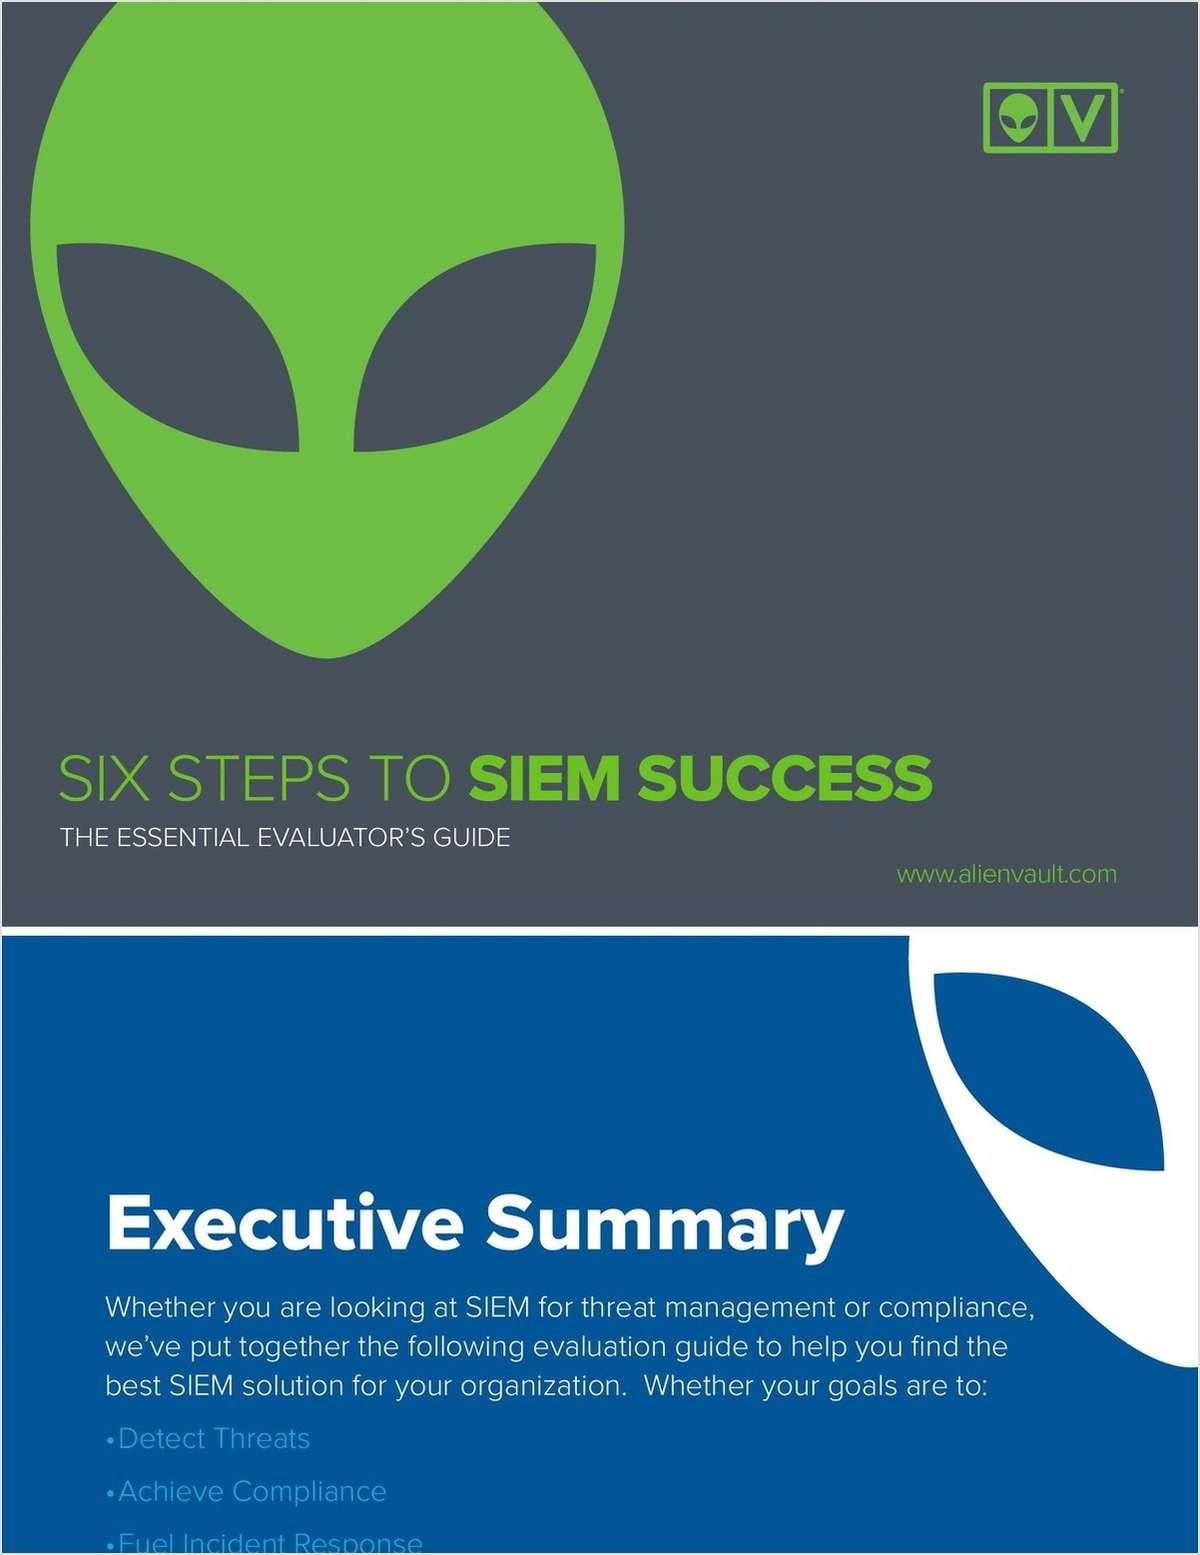 6 Steps to SIEM Success